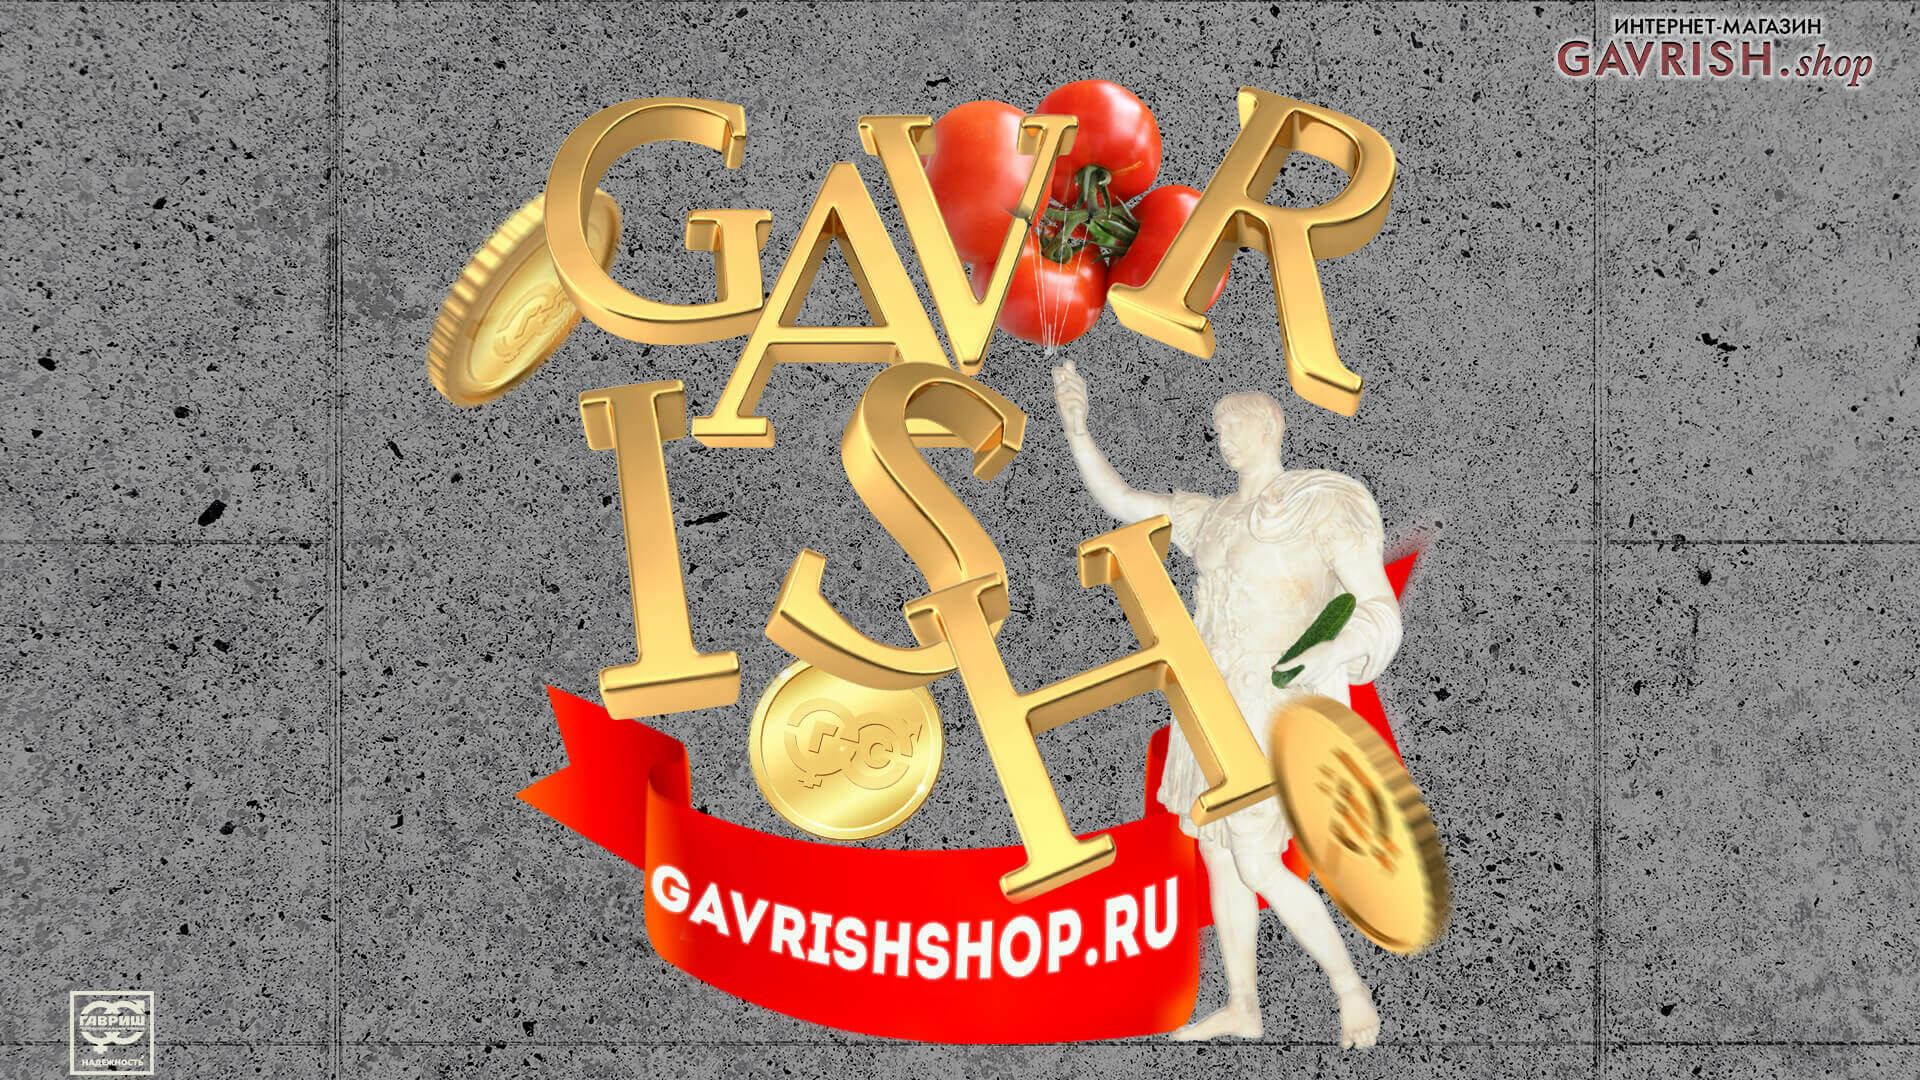 Вербена гибридная Кварц-ХР МИКС ЭС